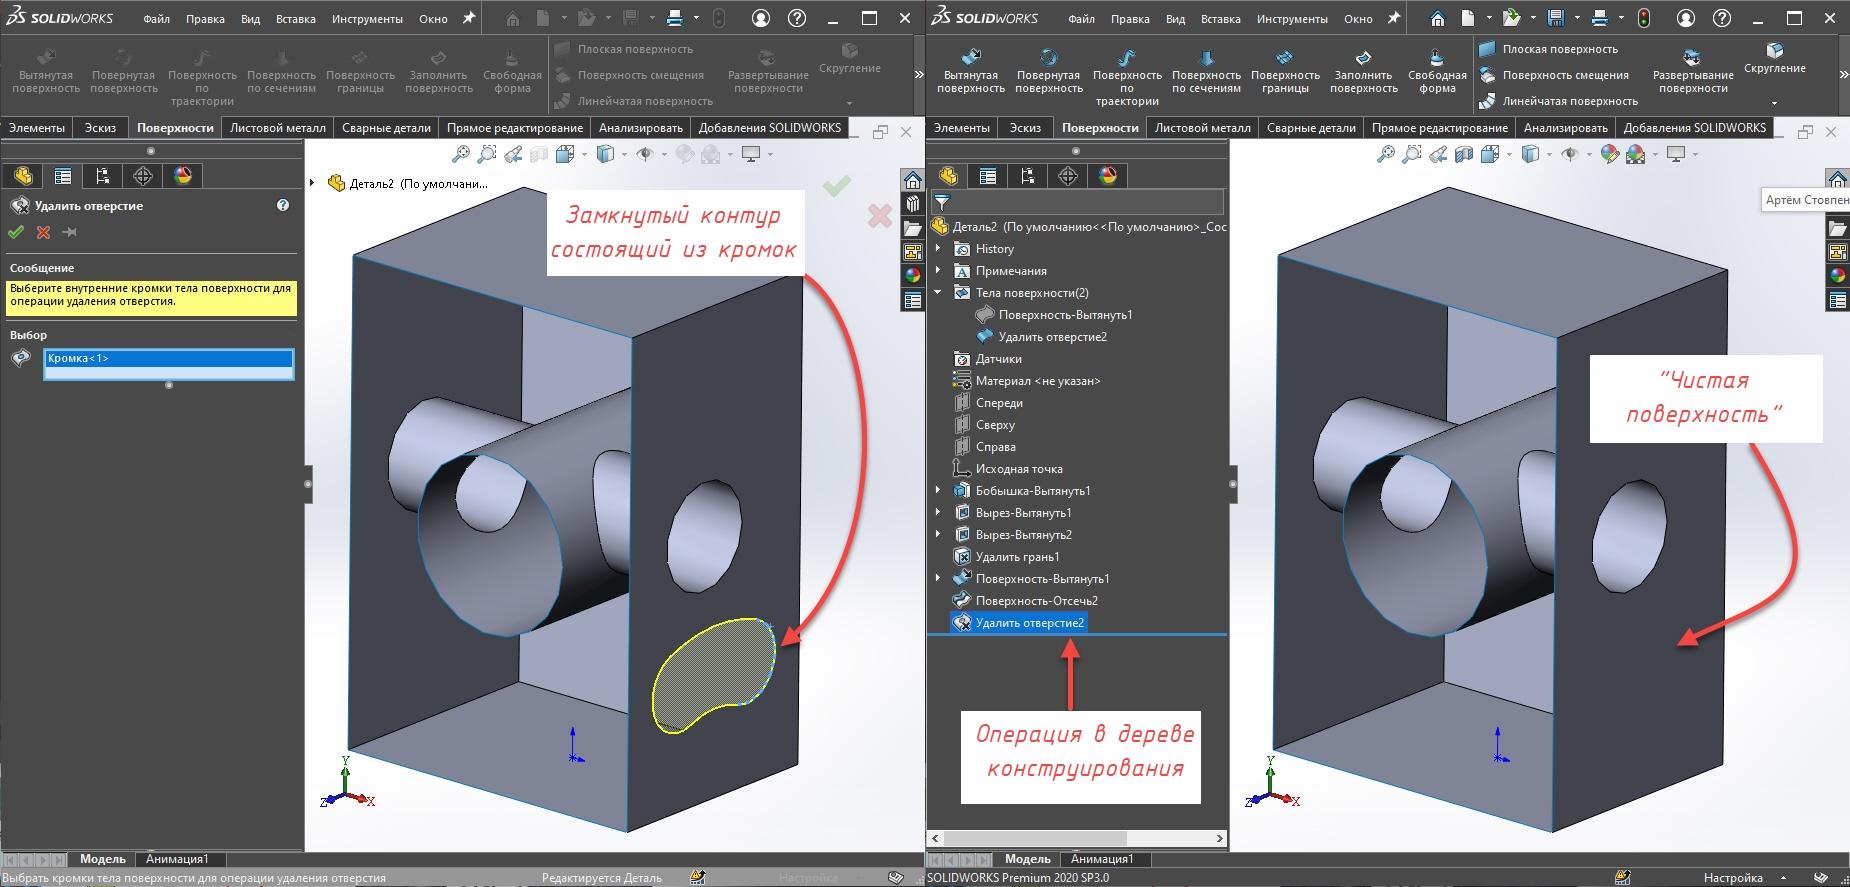 olidworks поверхности, Solidworks инструменты поверхностного проектирования,  SOLIDWORKS удалить отверстие , удалить отверстие.